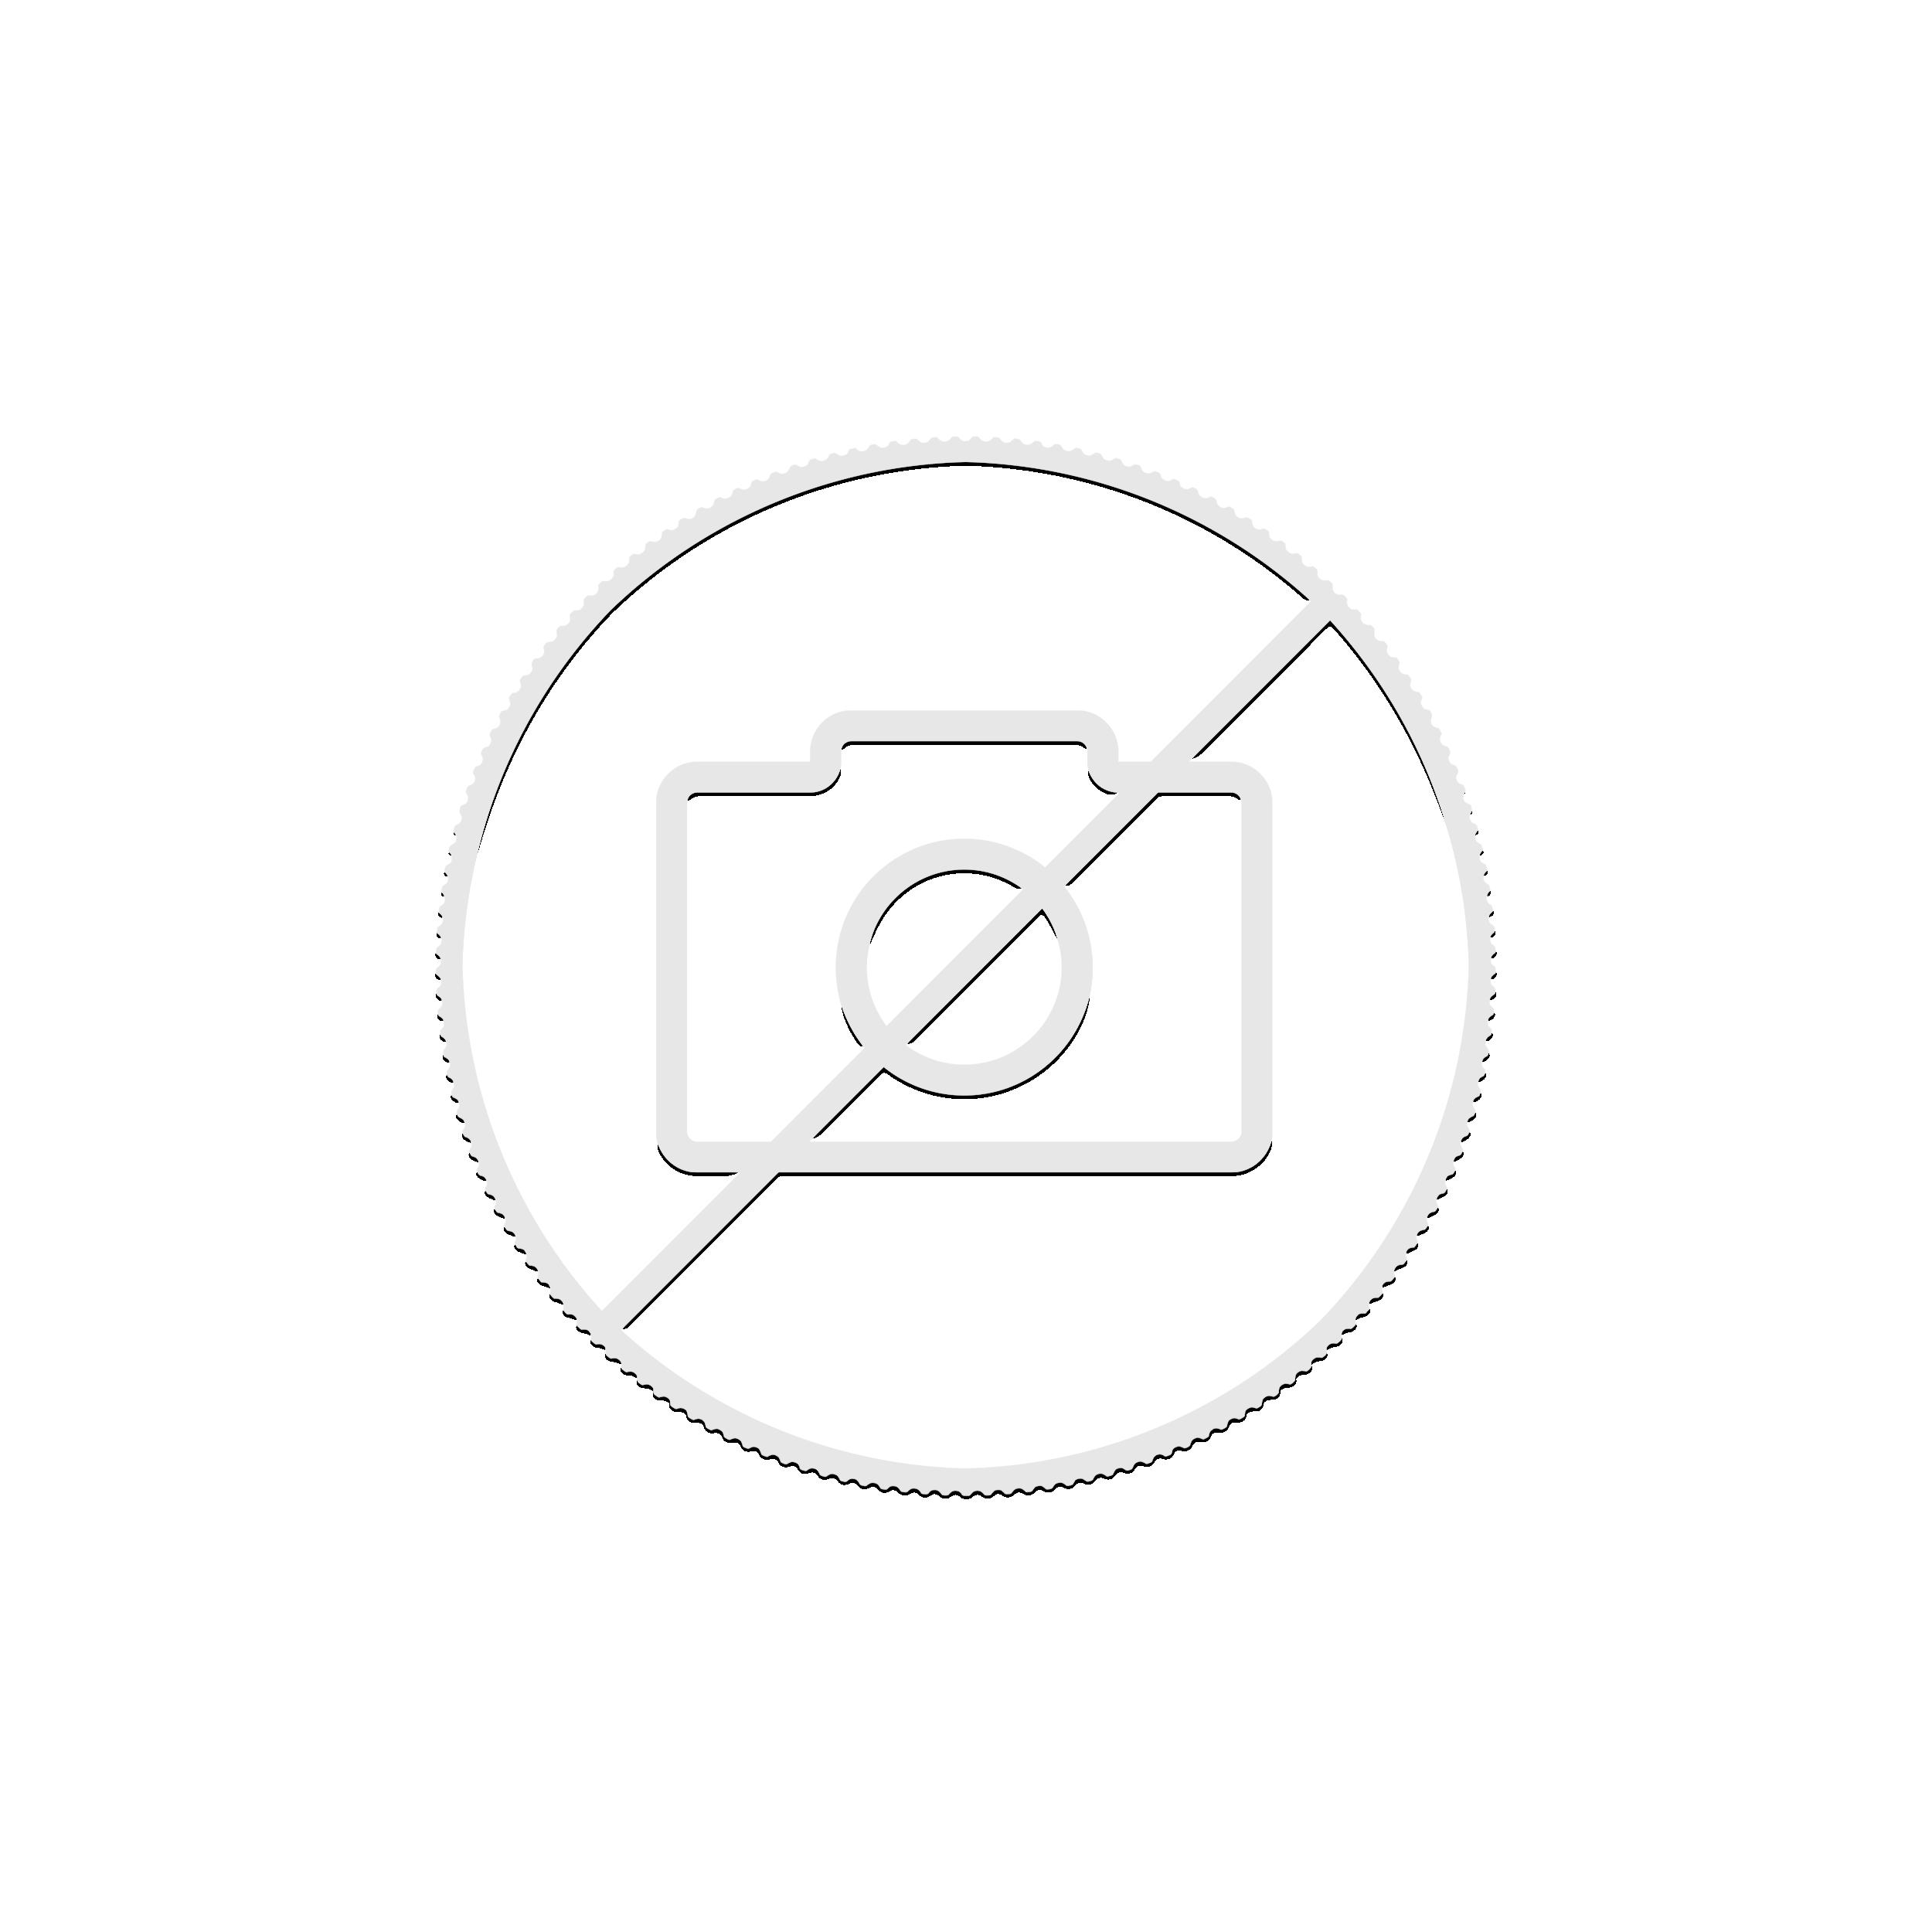 1 Troy ounce silver coin Athenian Owl 2019